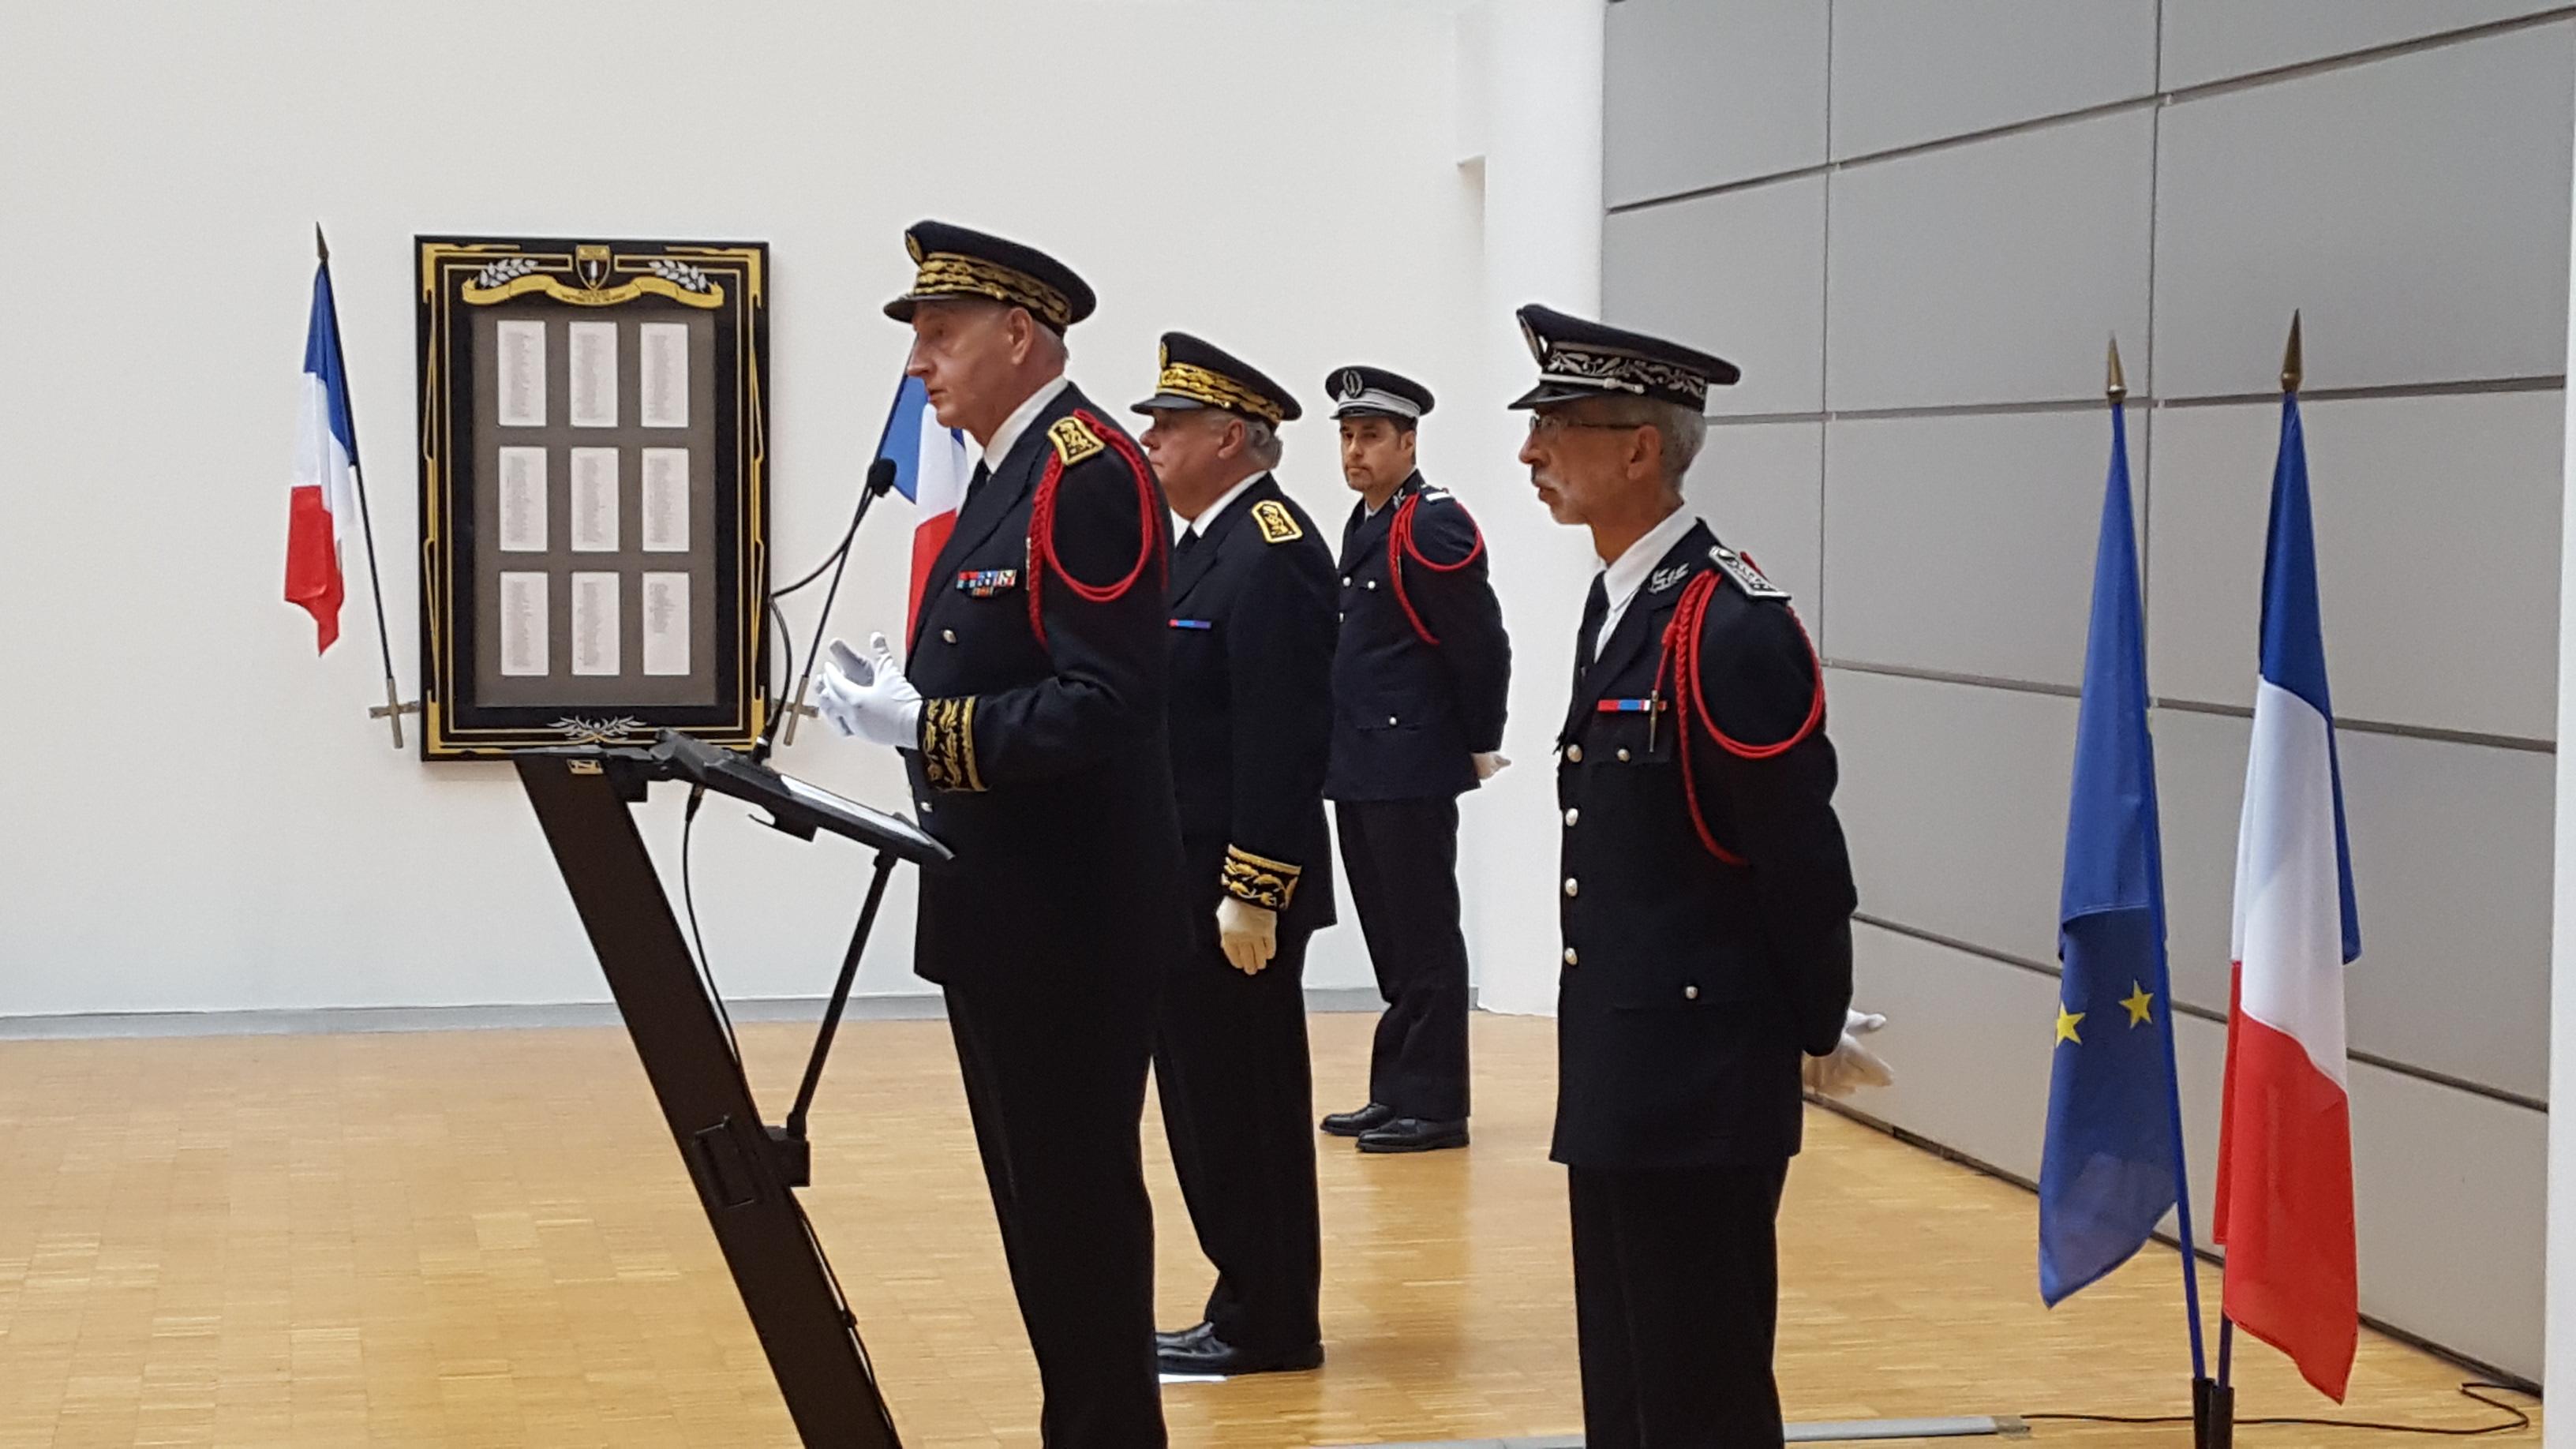 cérémonie-accueil-gardiens-de-la-paix-créteil-novembre-2016 (1)